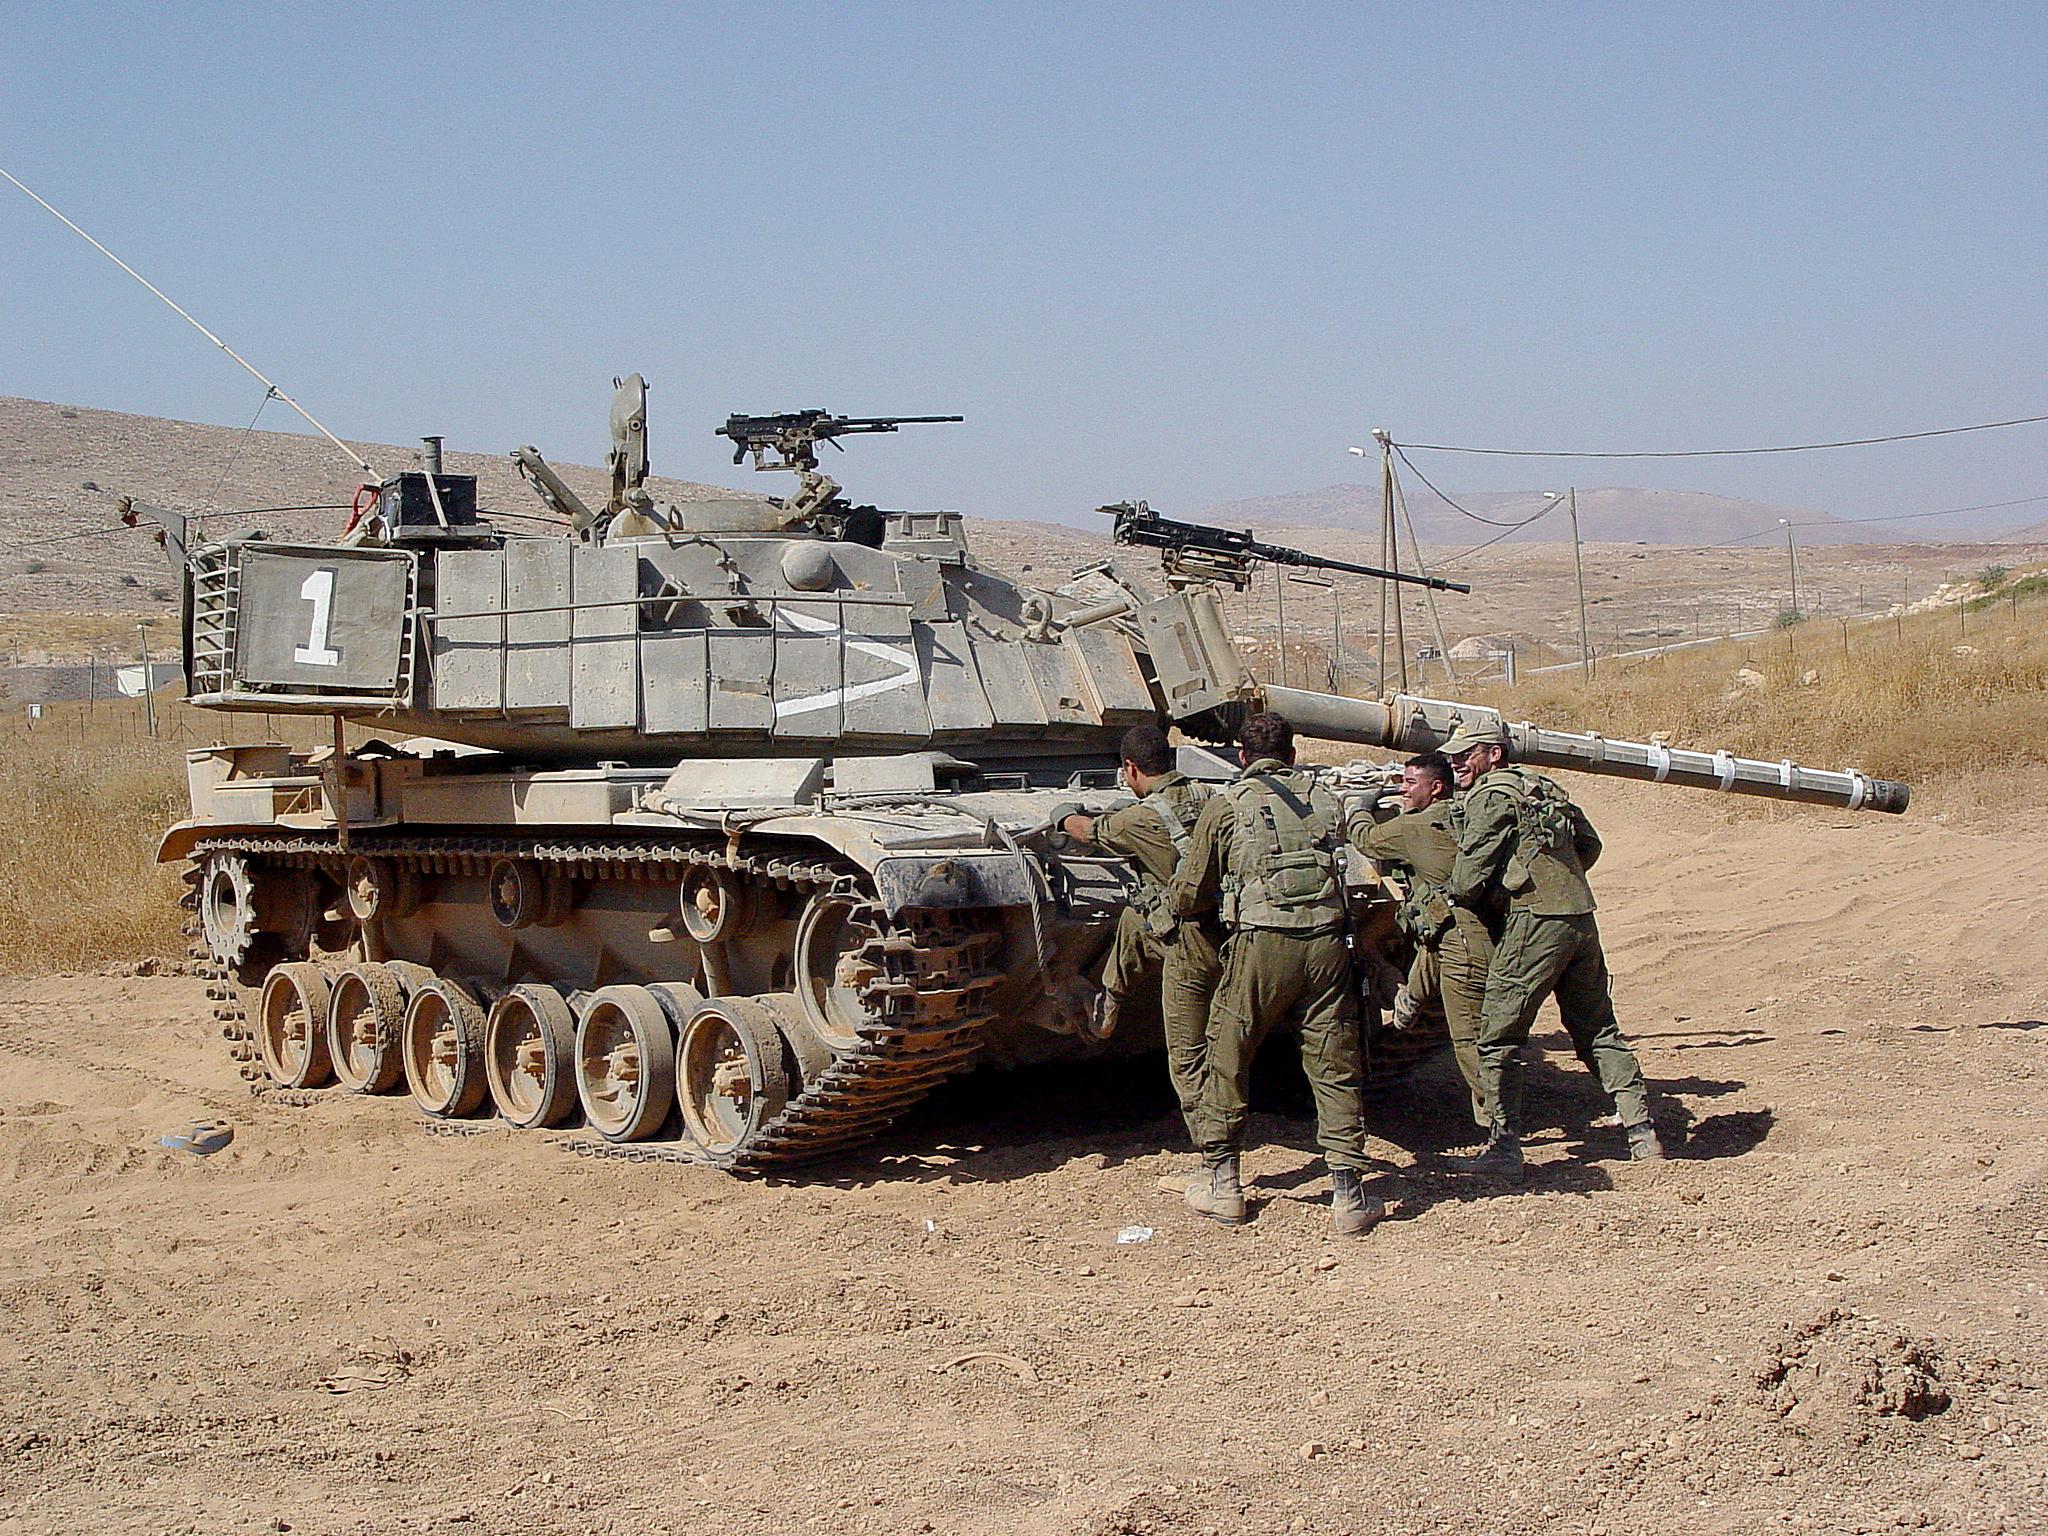 """צוות מ""""מ 1 סג""""ם צחי שוחט בפלוגת """"להב"""" של גדוד """"עשת"""" באימון עליה לטנק מגח 6ב' גל. צילום : גלעד מס"""